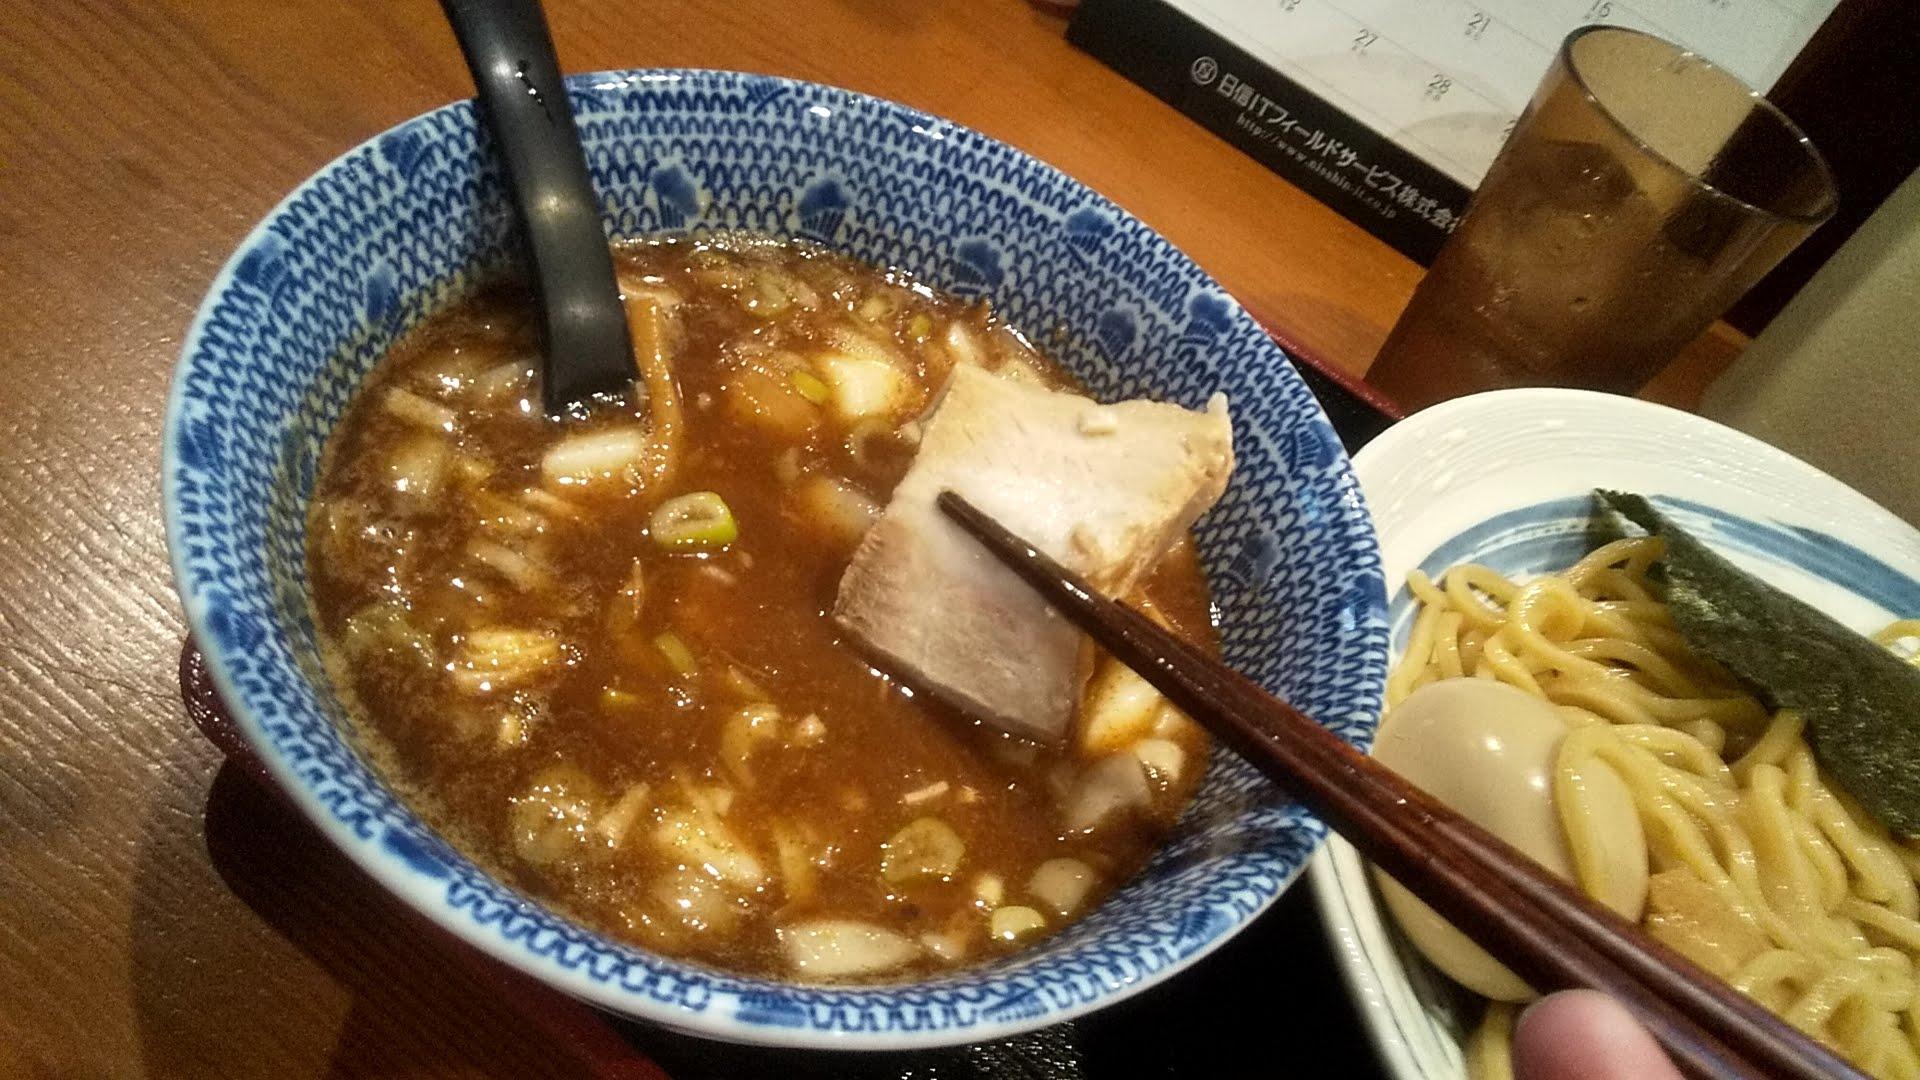 胡座の特製つけ麺のチャーシューリフト